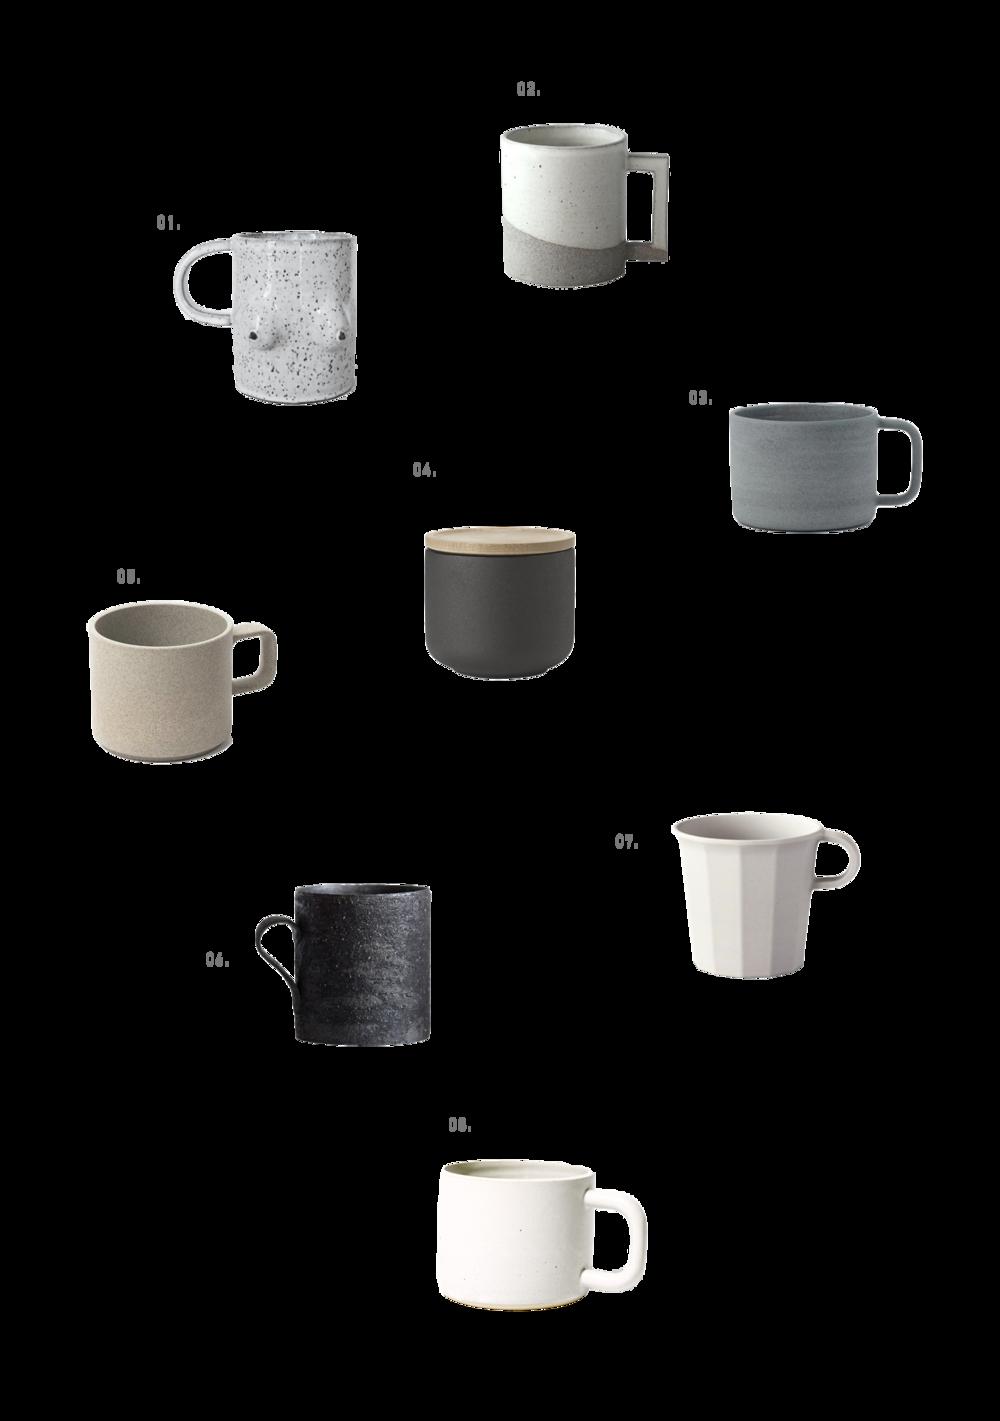 CoffeeMugMoodboard.png